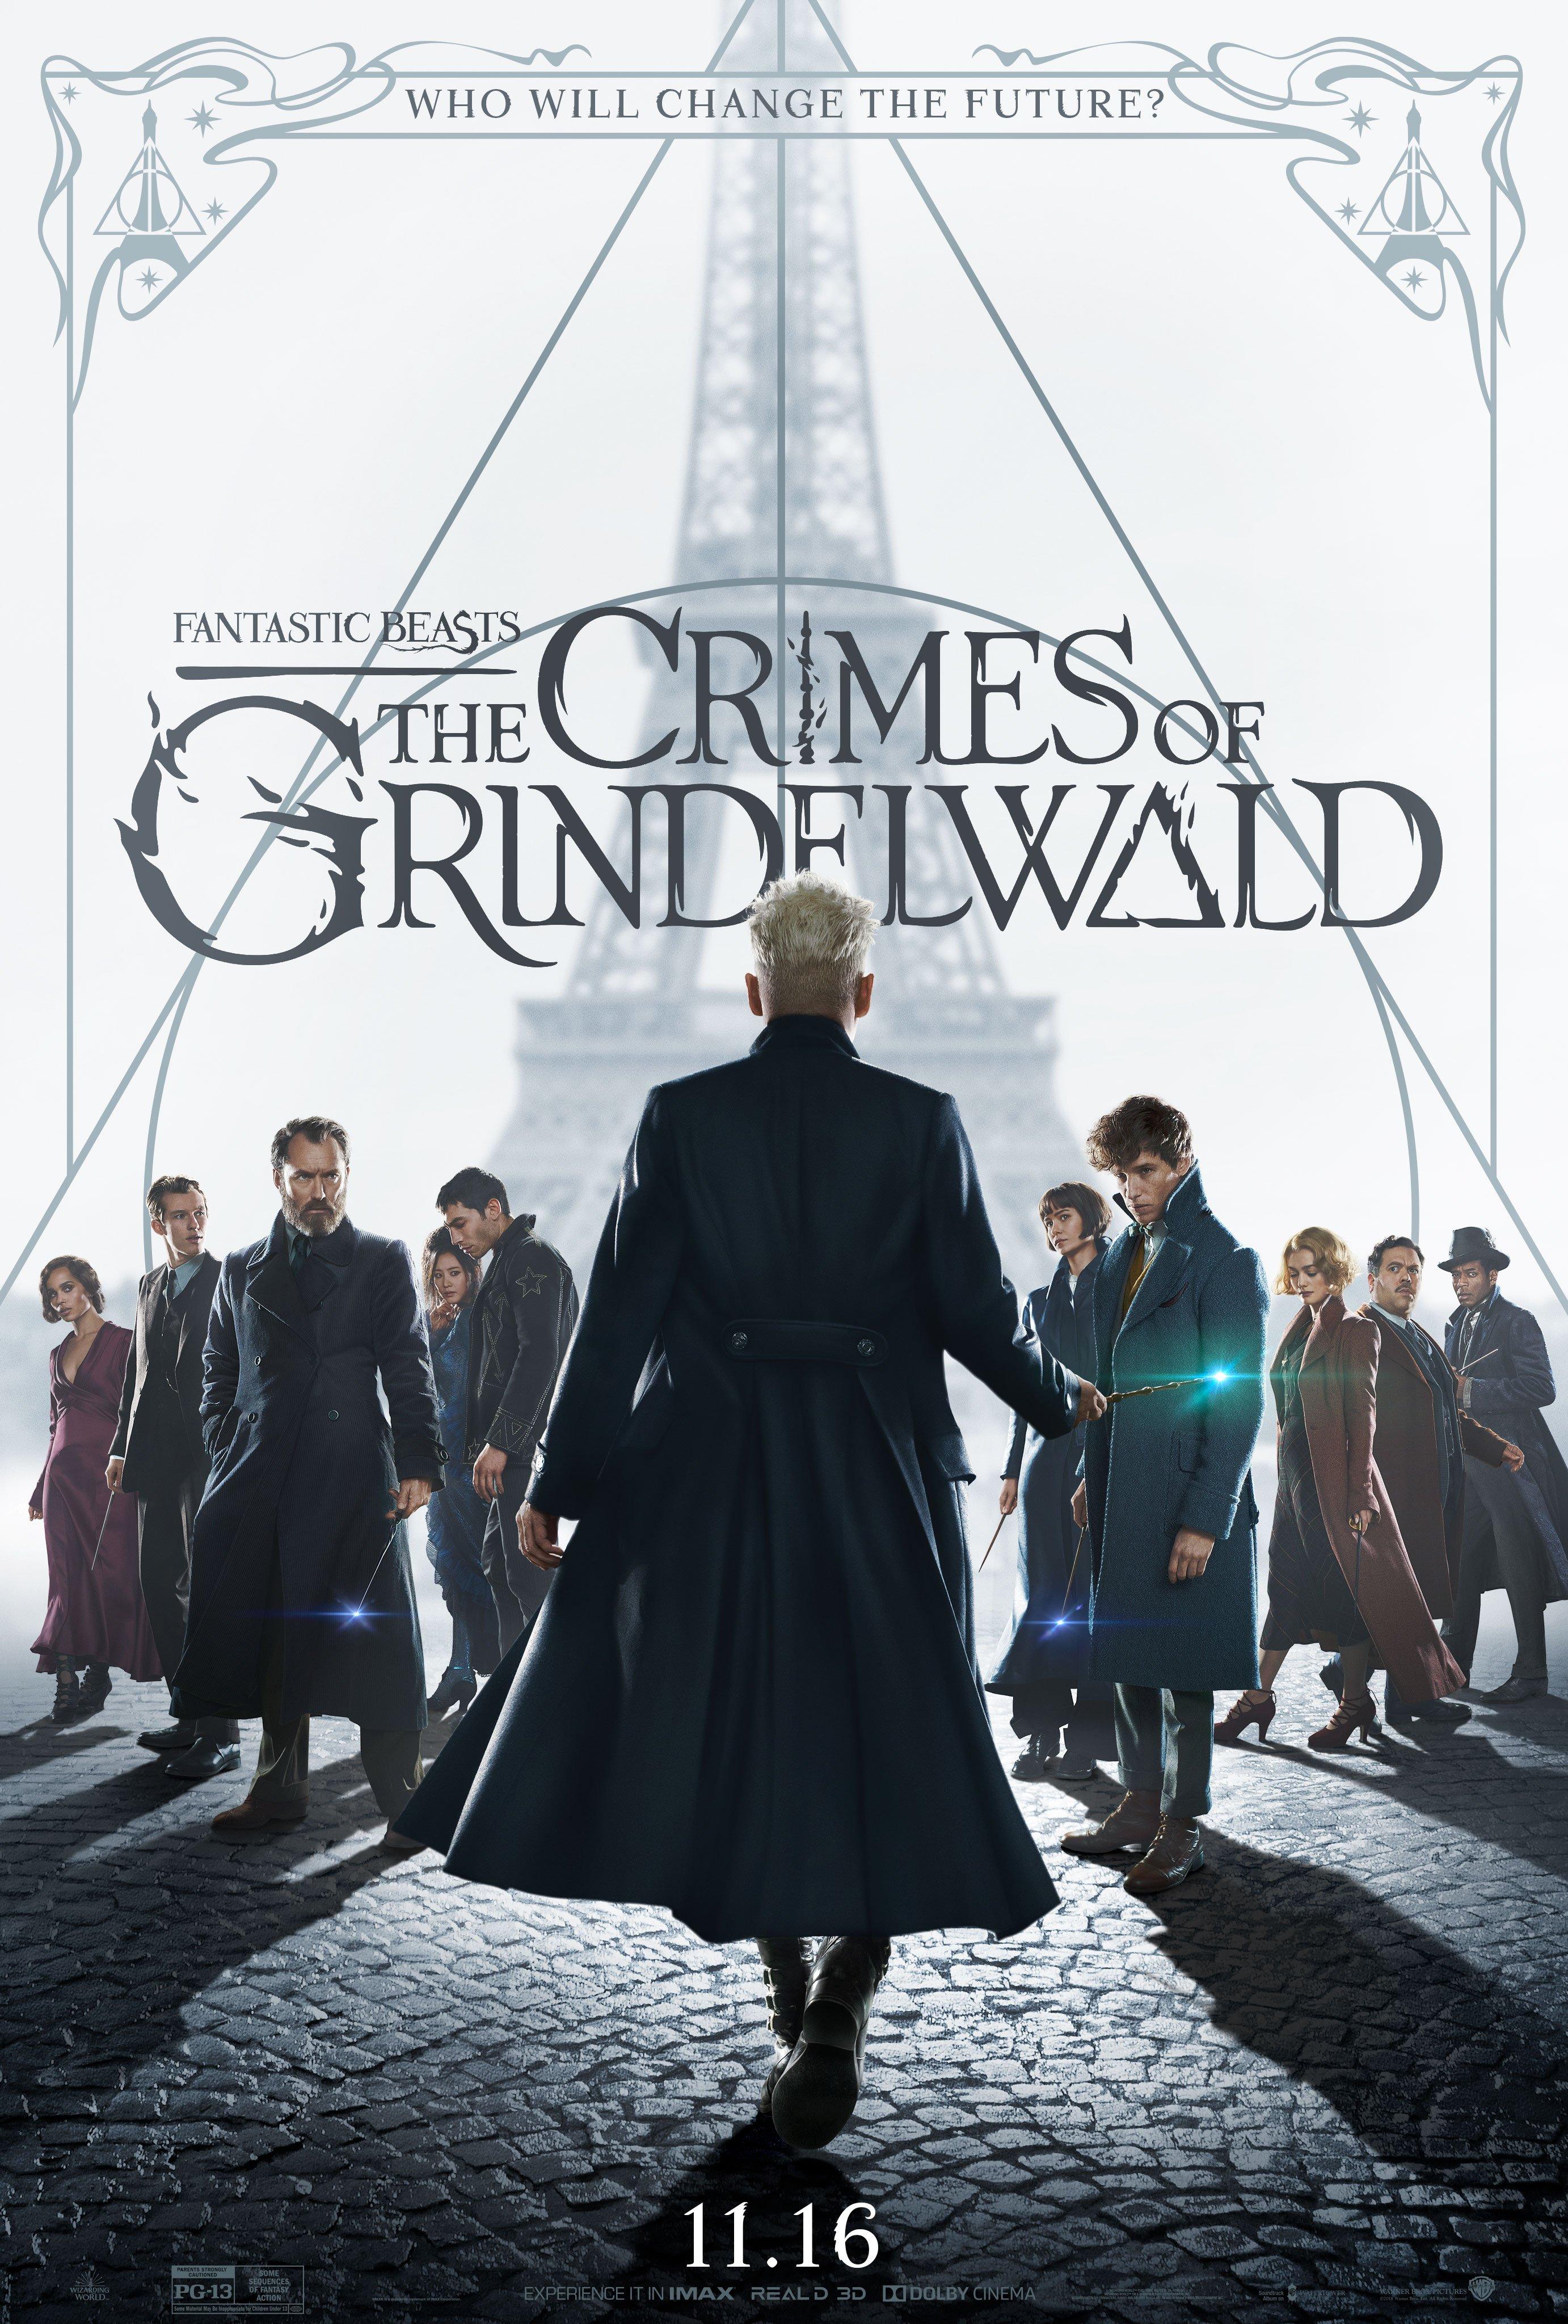 Pôster final de Animais Fantásticos: Os Crimes de Grindelwald. Ele tem Grindelwald, de costas e centralizado, segurando a varinha das varinhas. De frente pra ele e encarando o observador, os personagens Leta, Teseu, Dumbledore, Nagini, Credence, Tina, Newt, Queenie, Jacob e Yusuf Kama. No fundo branco, atrás, é possível ver a torre Eiffel, também centralizada, e o símbolo das Relíquias da Morte. No topo, os dizeres